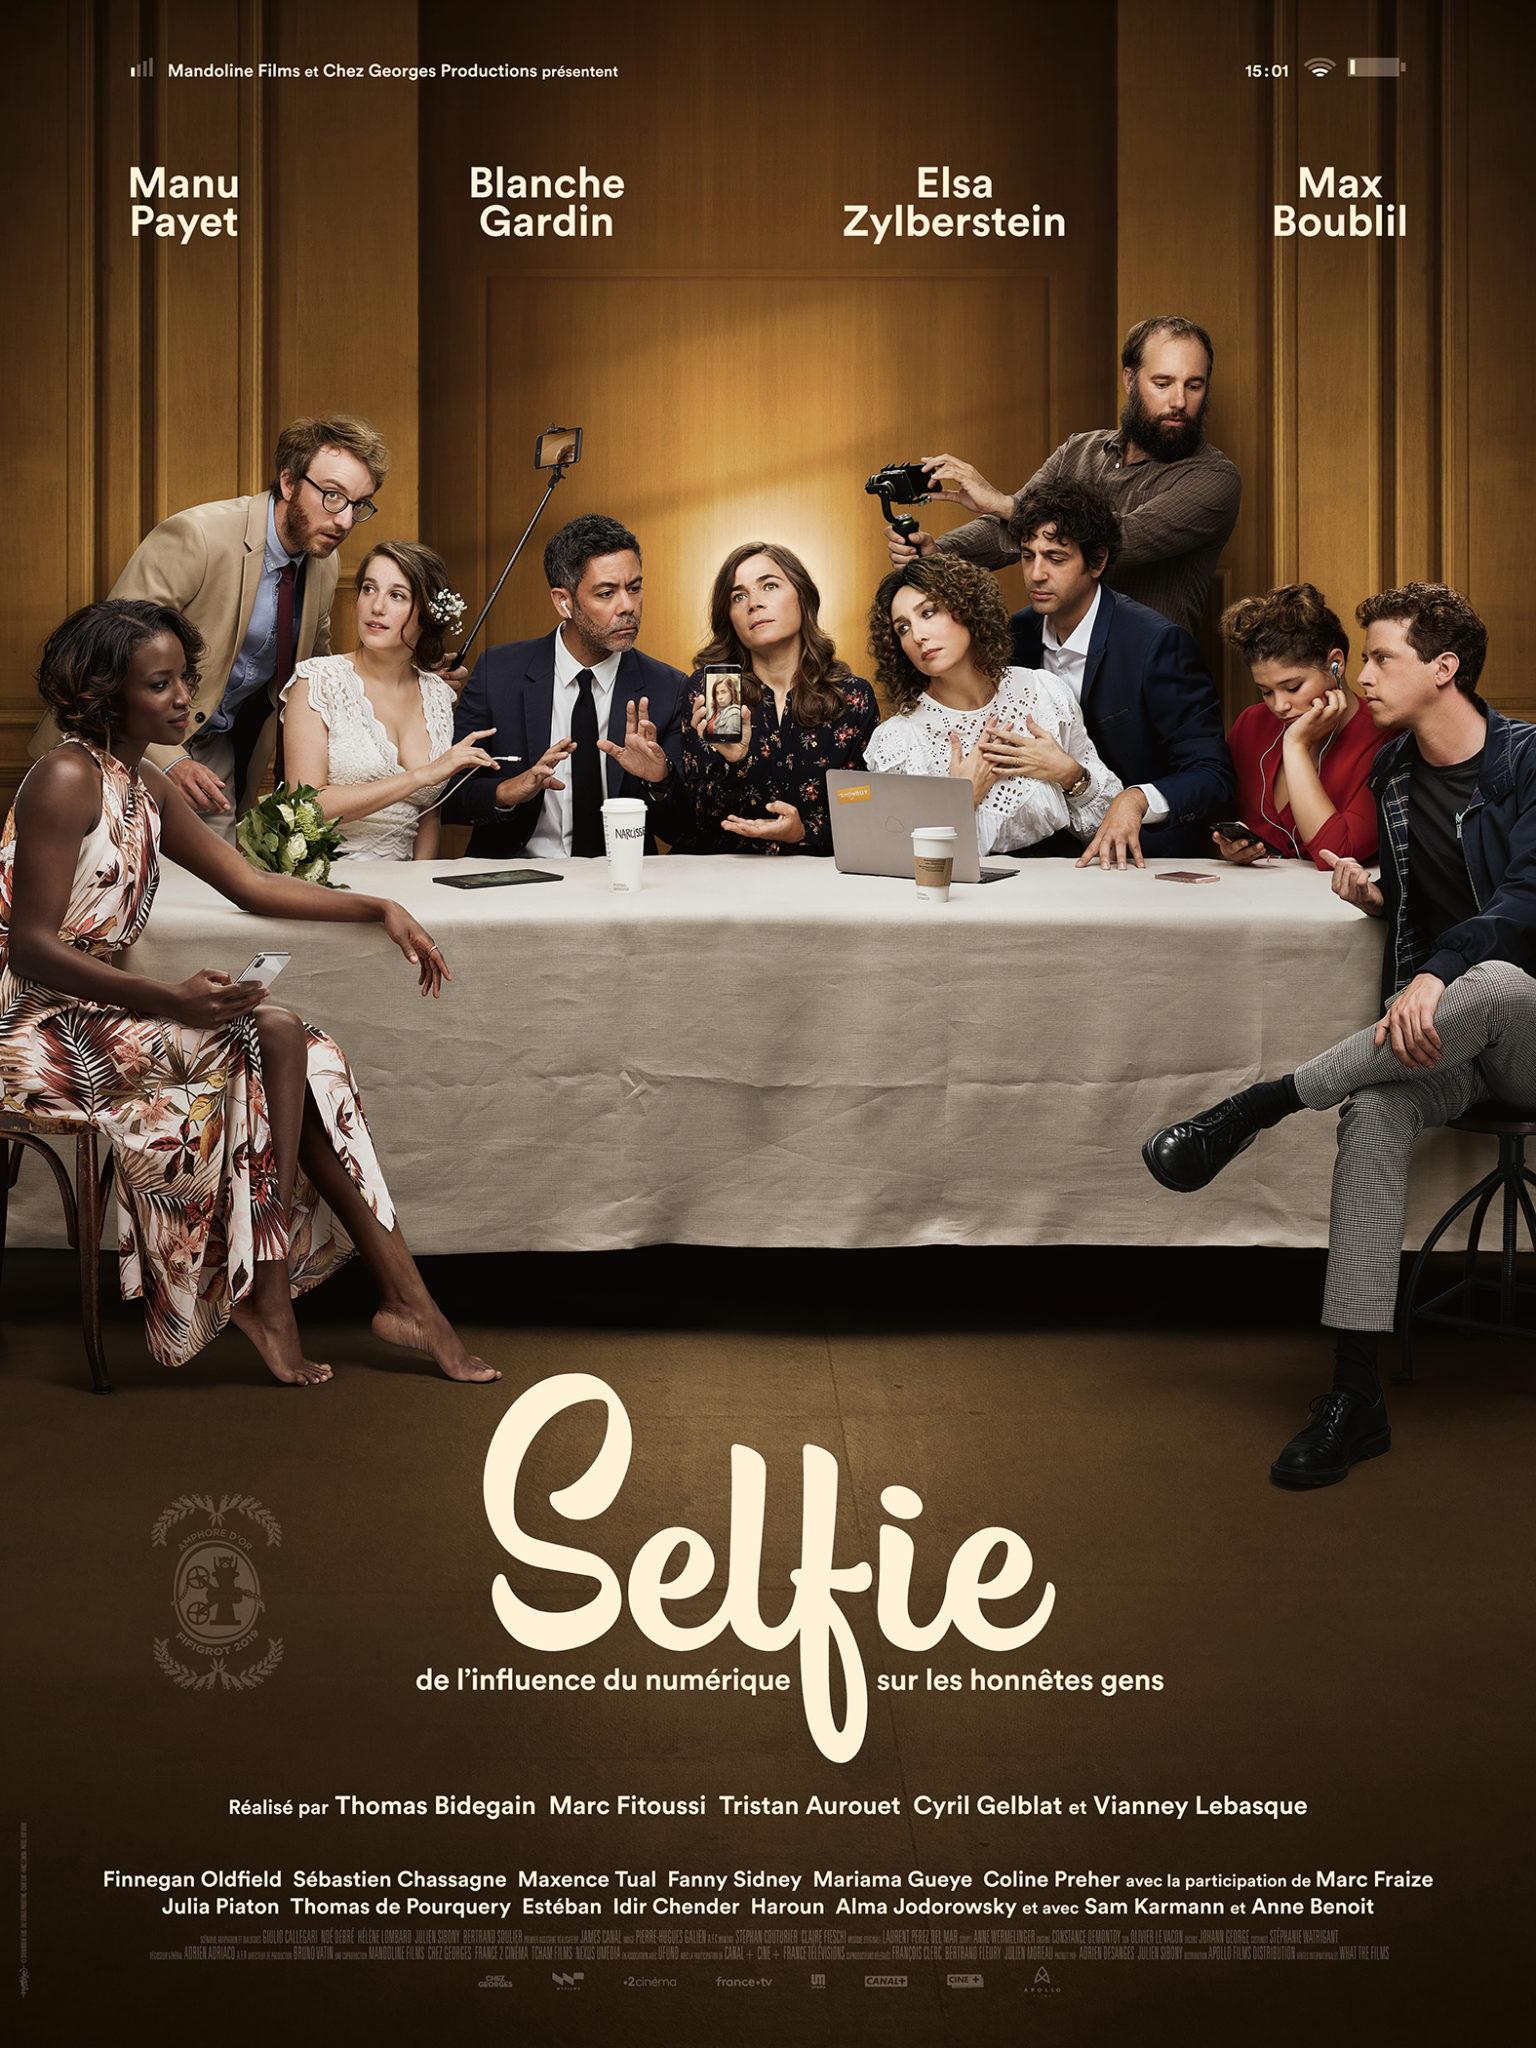 Selfie affiche film critique avis